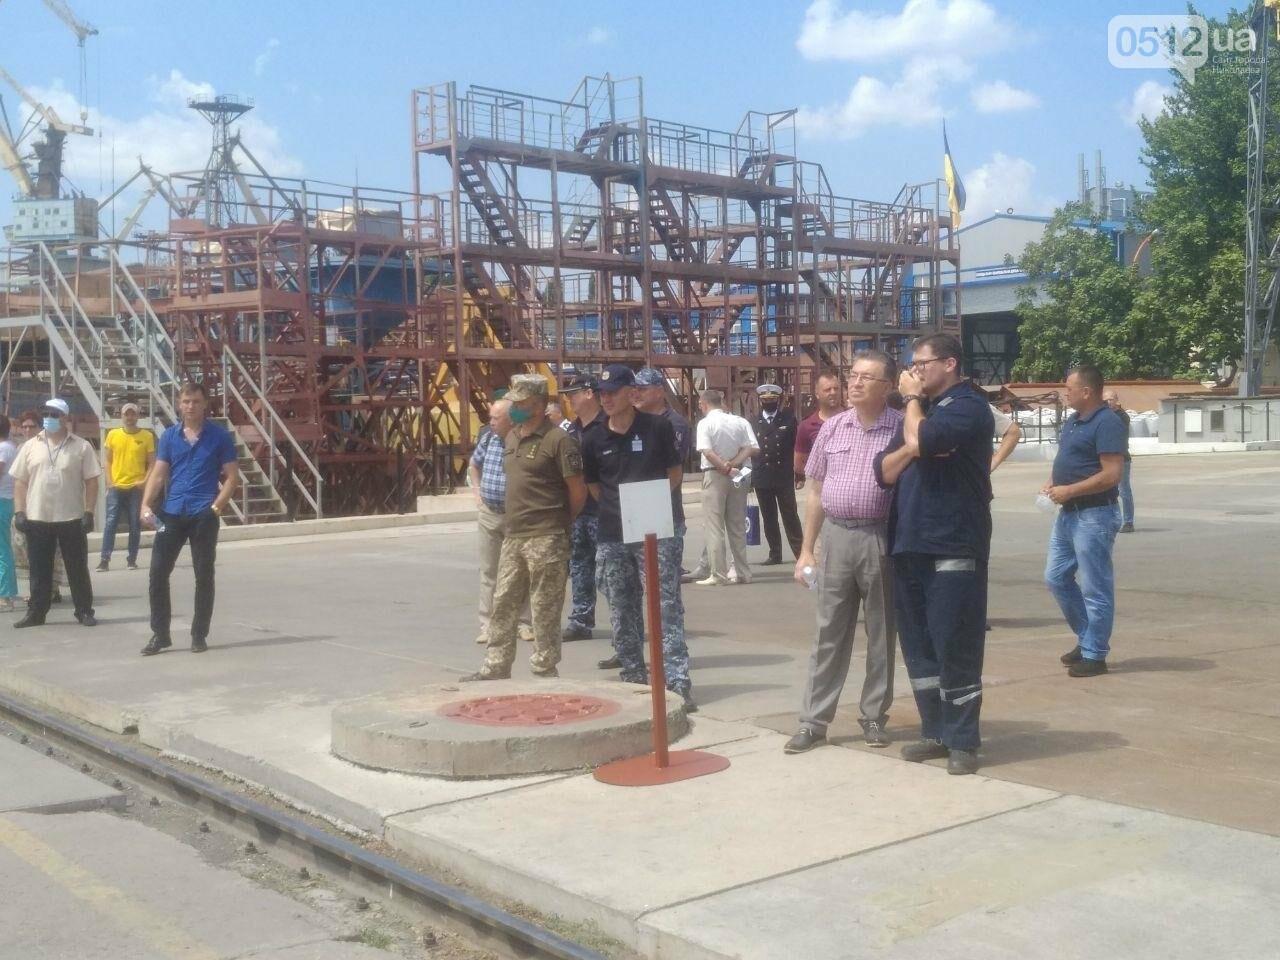 Приезд Арсена Авакова в Николаев, - ТЕКСТОВАЯ ТРАНСЛЯЦИЯ, фото-5